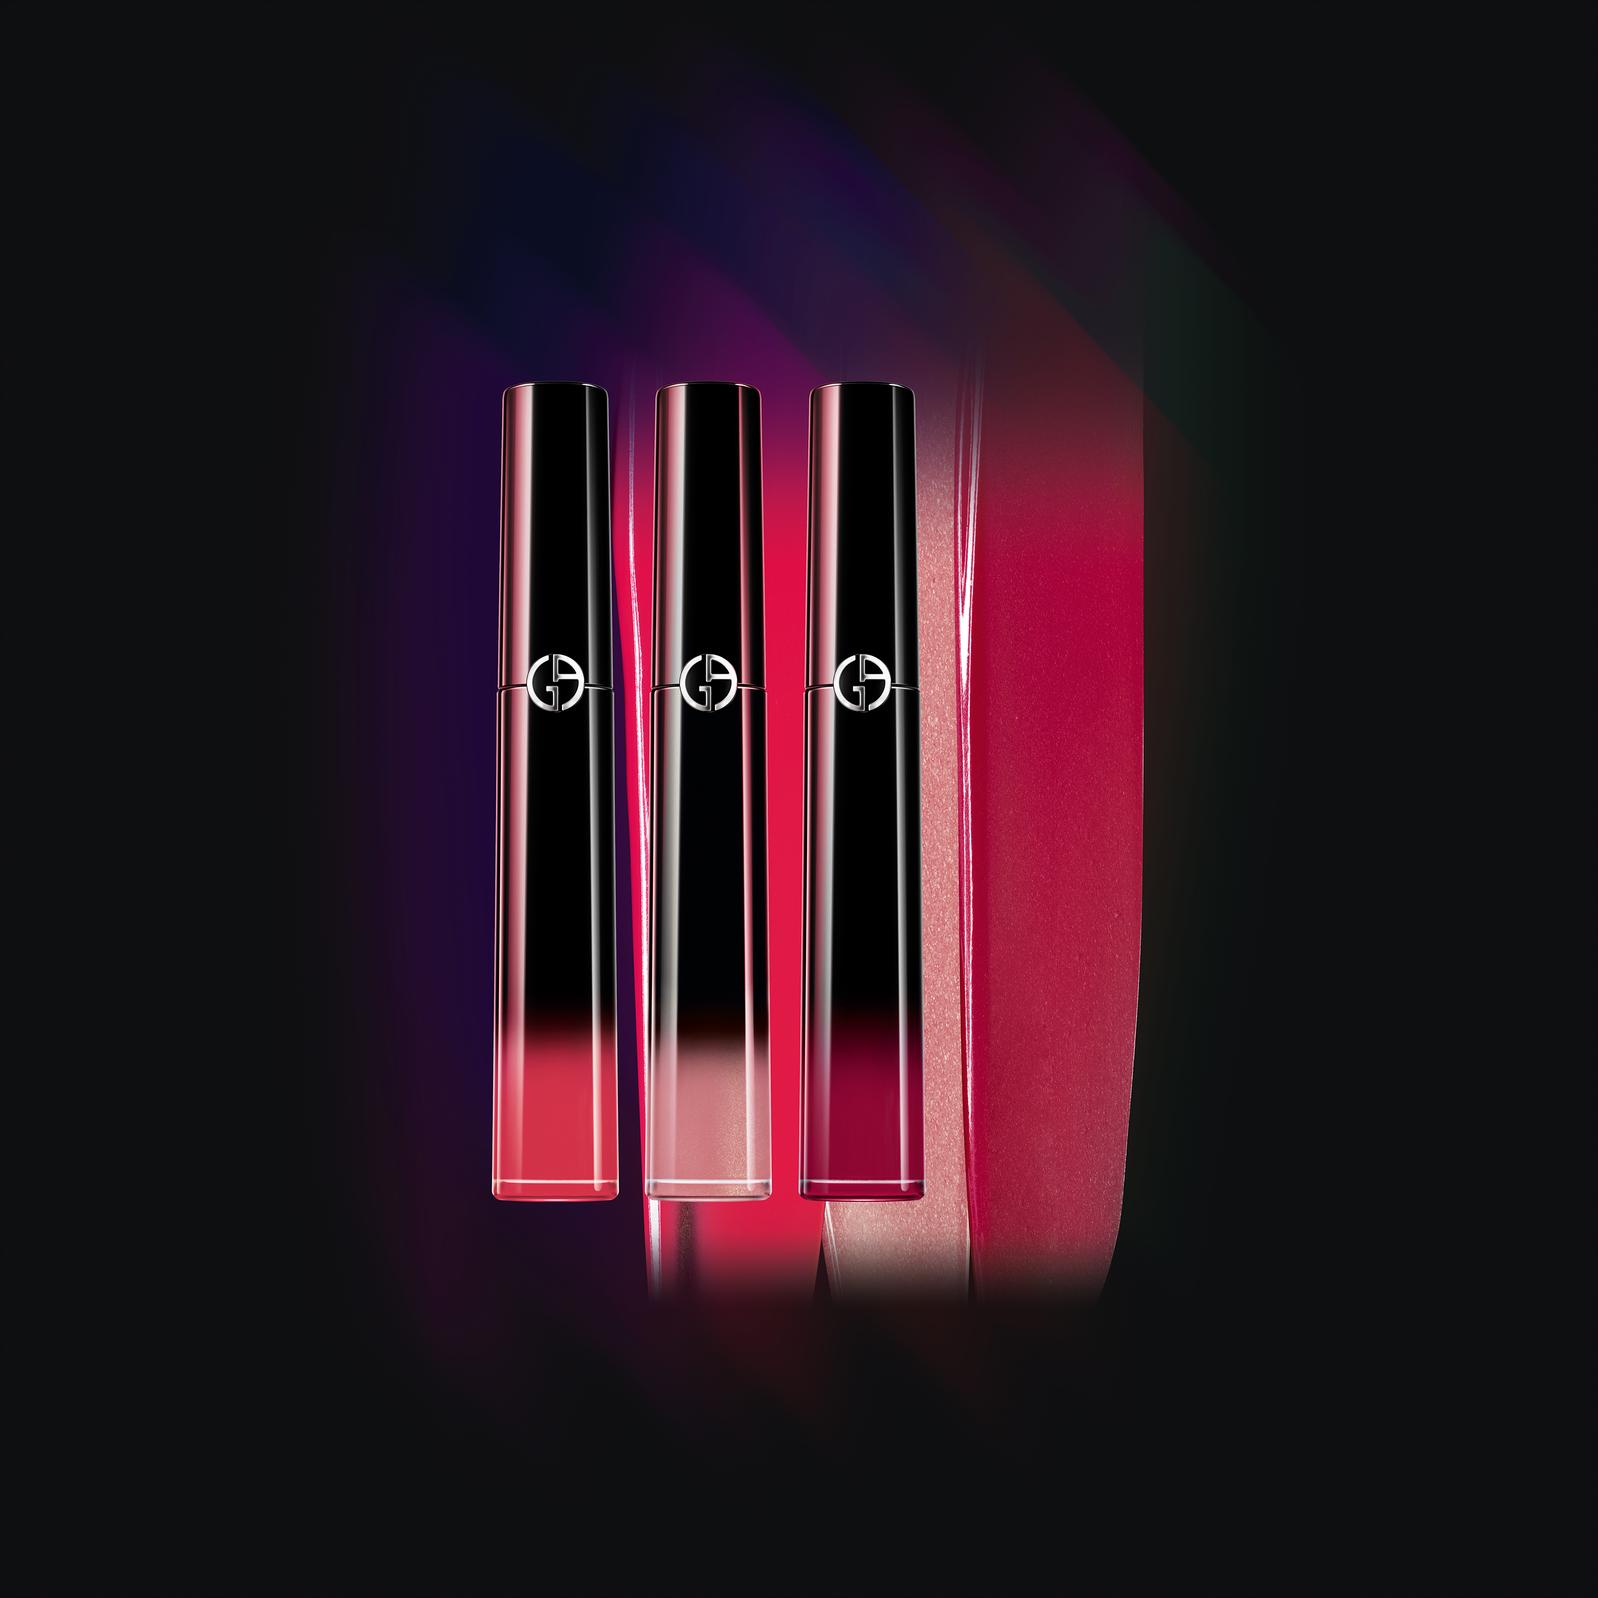 Giorgio Armani Beauty New Ecstasy Lacquer($55)